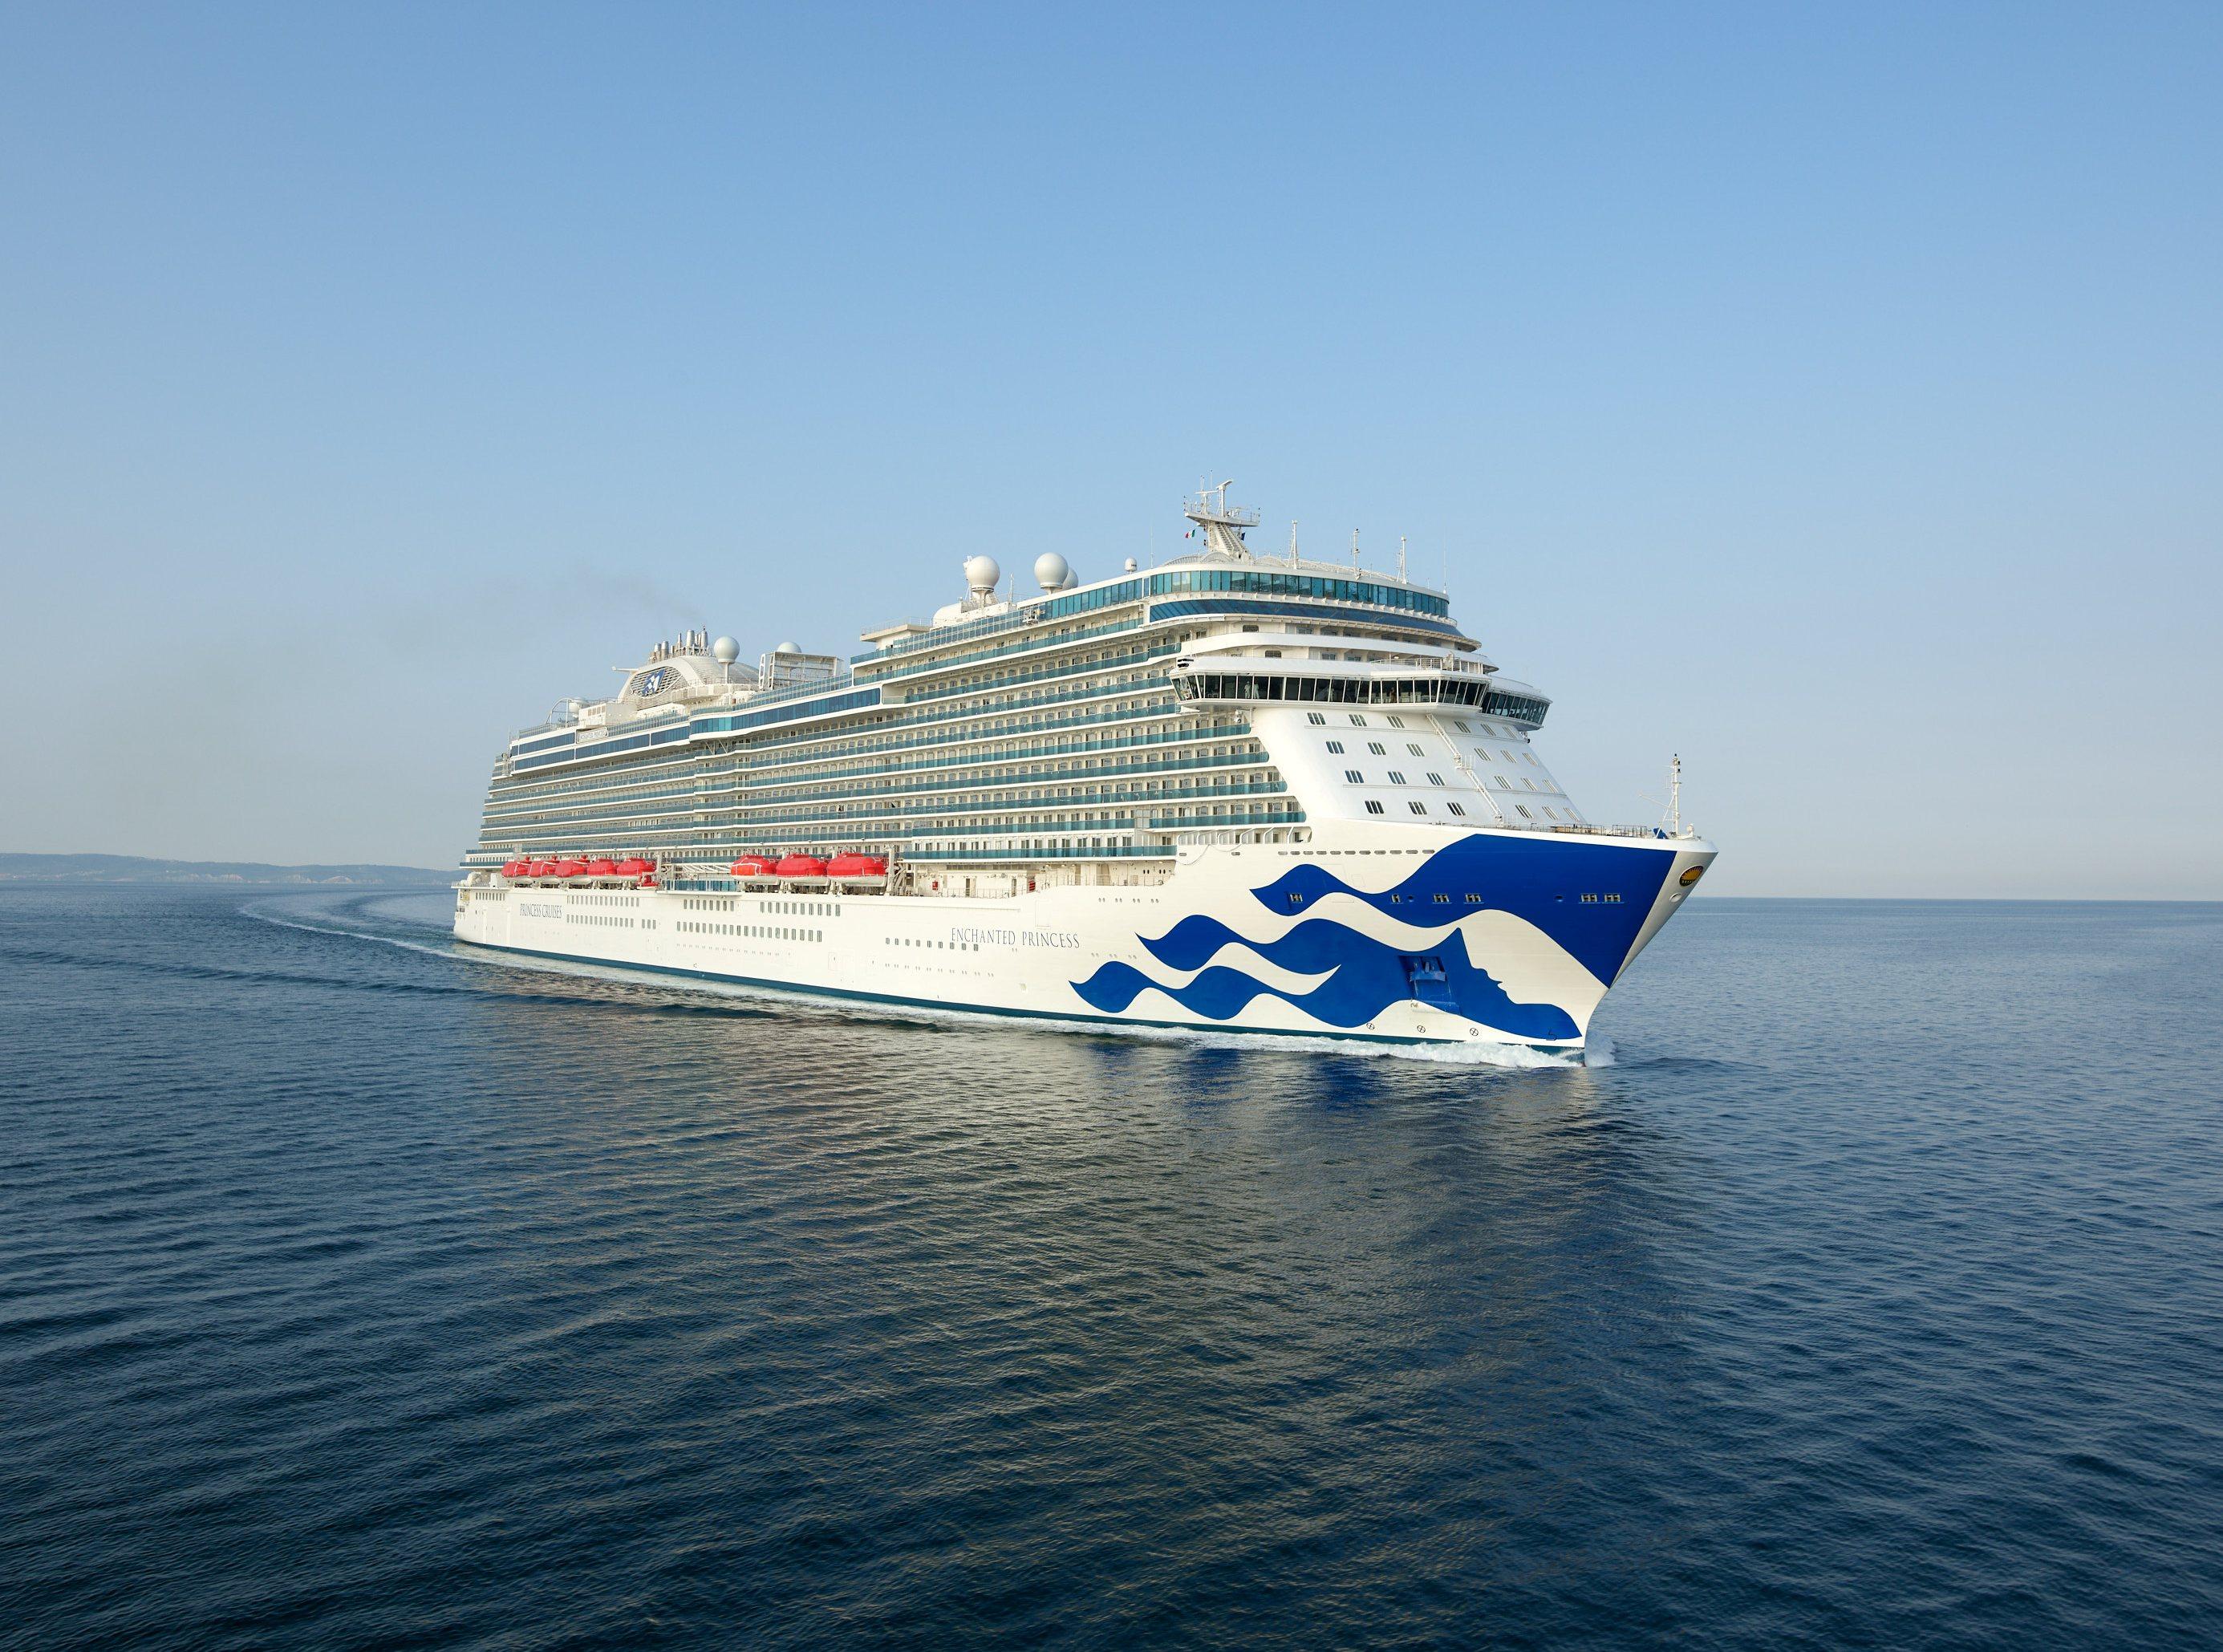 Kreuzt 2020 in europäischen Gewässern: die Enchaned Princess